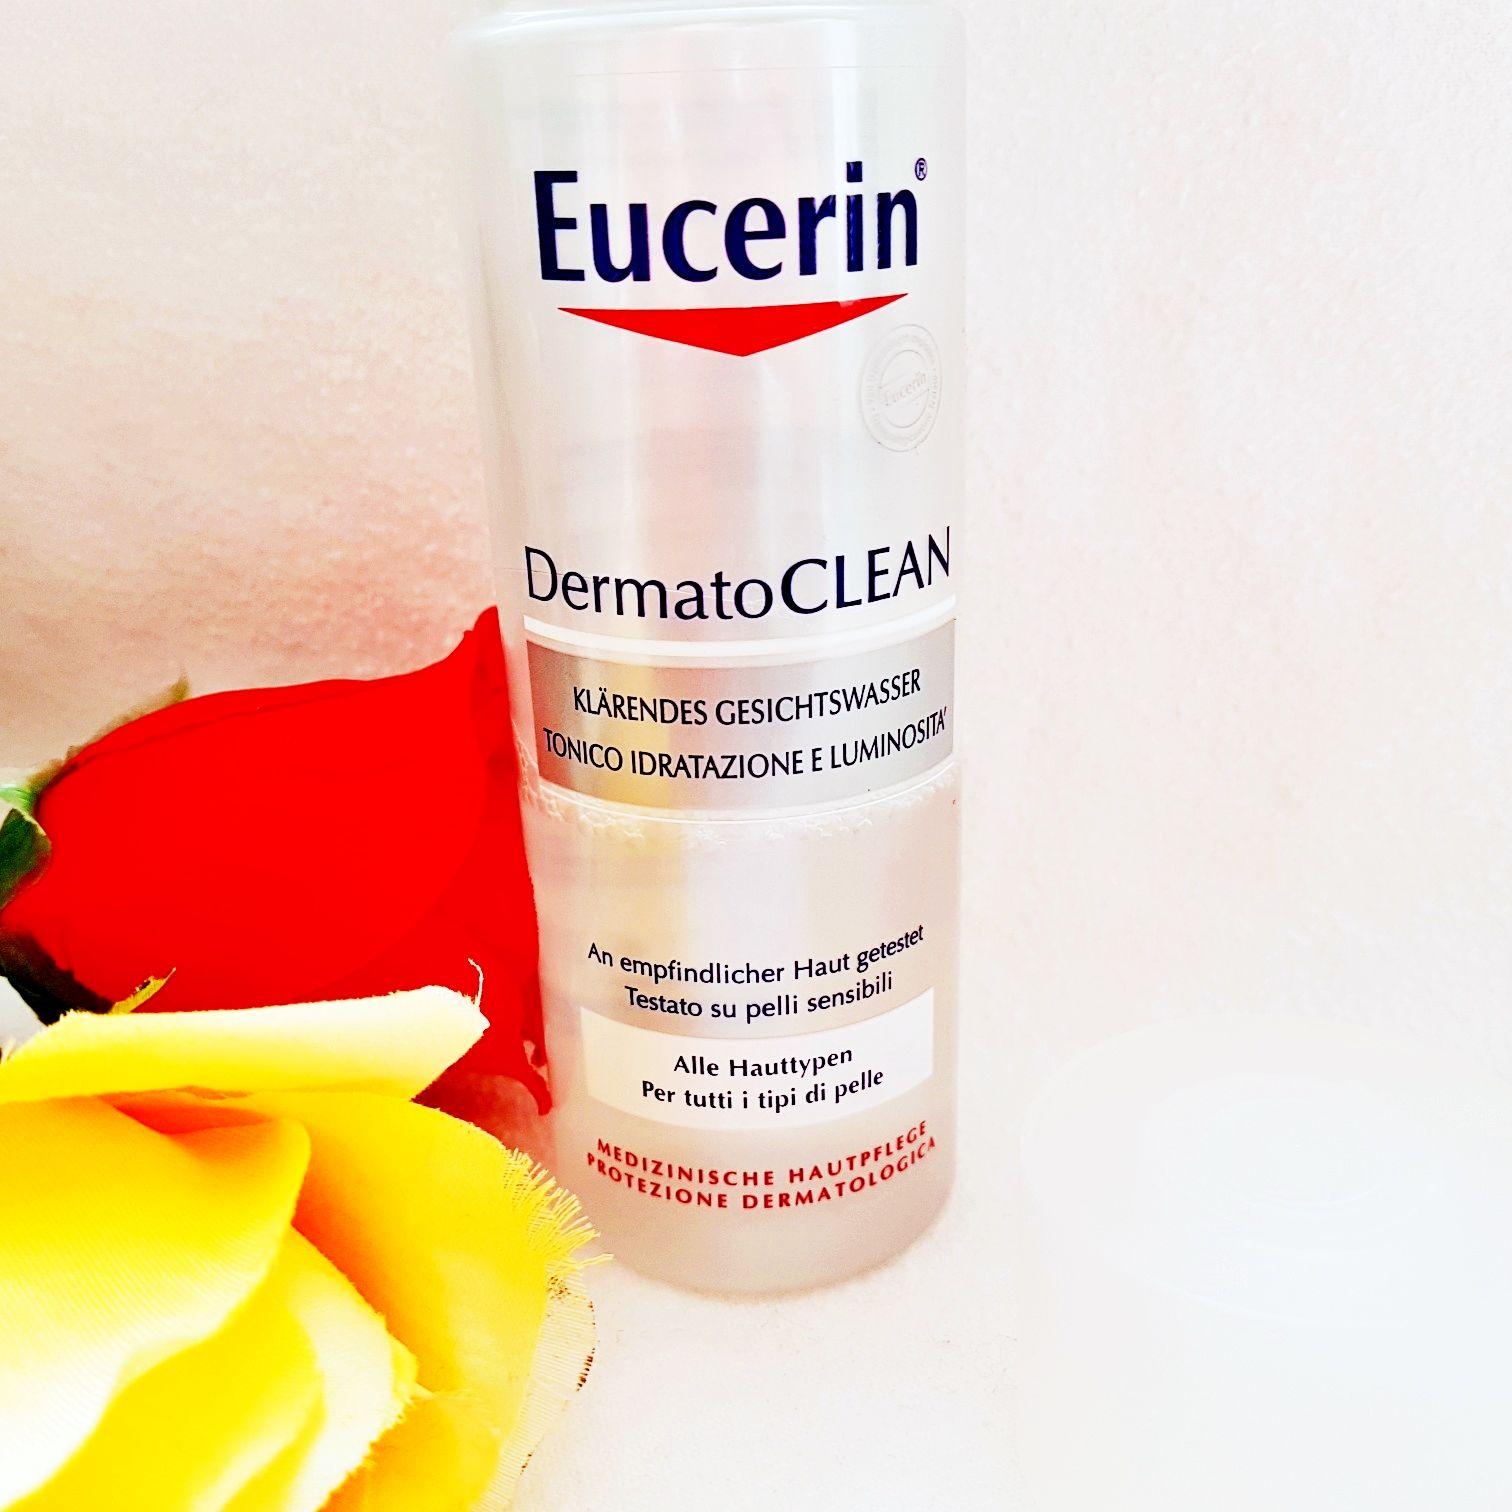 Eucerin Dermato Clean klärendes Gesichtswasser